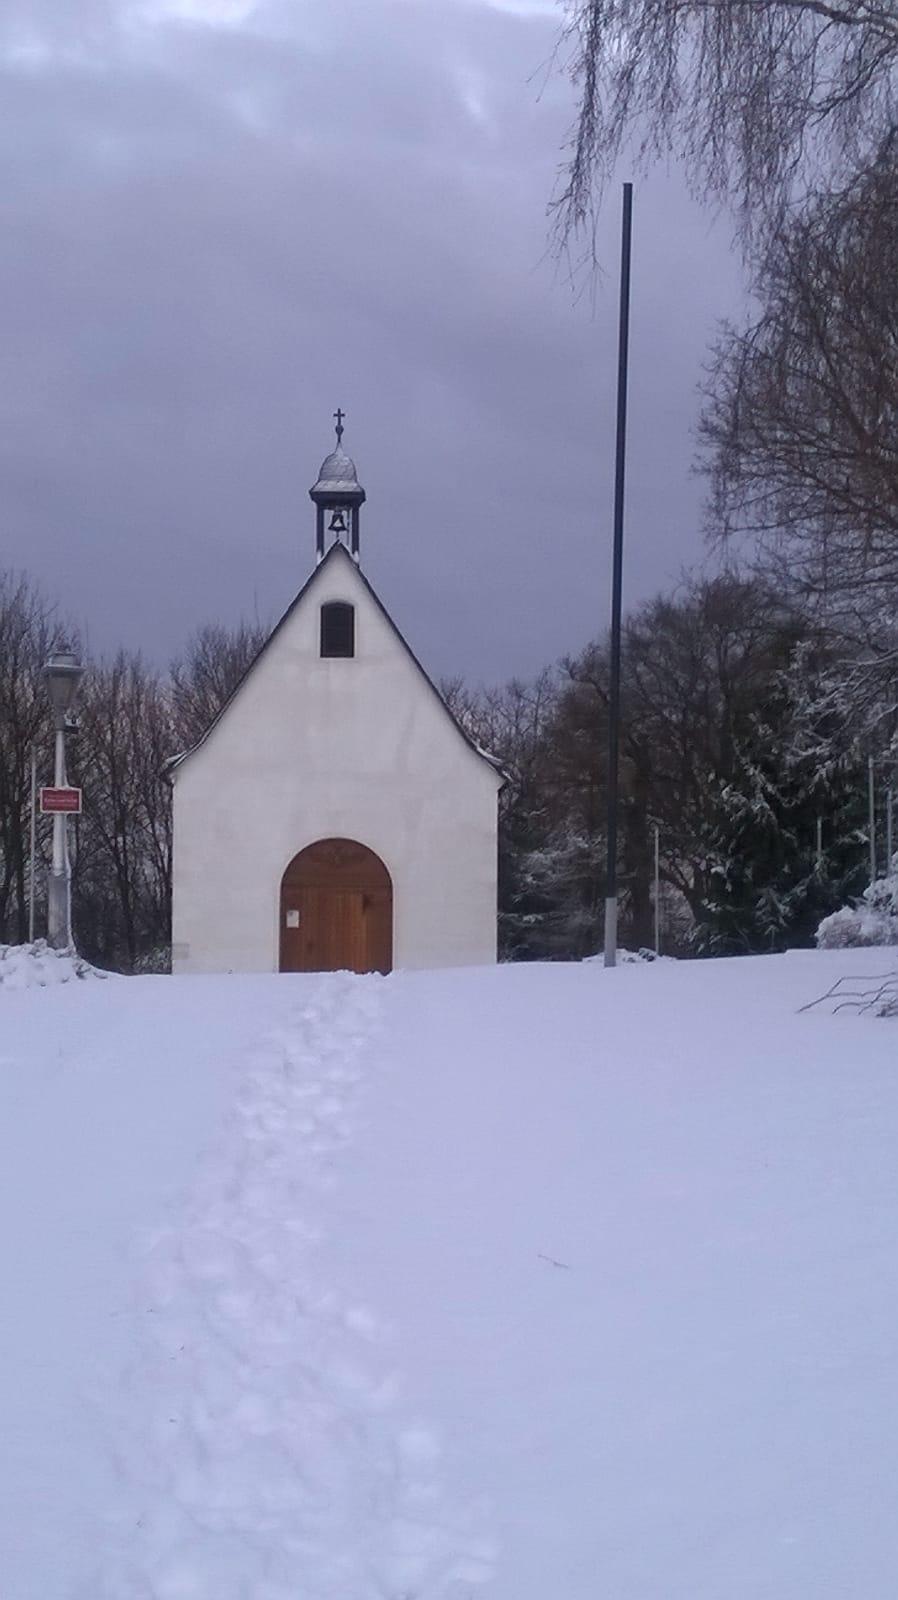 Kapellchen im Schnee